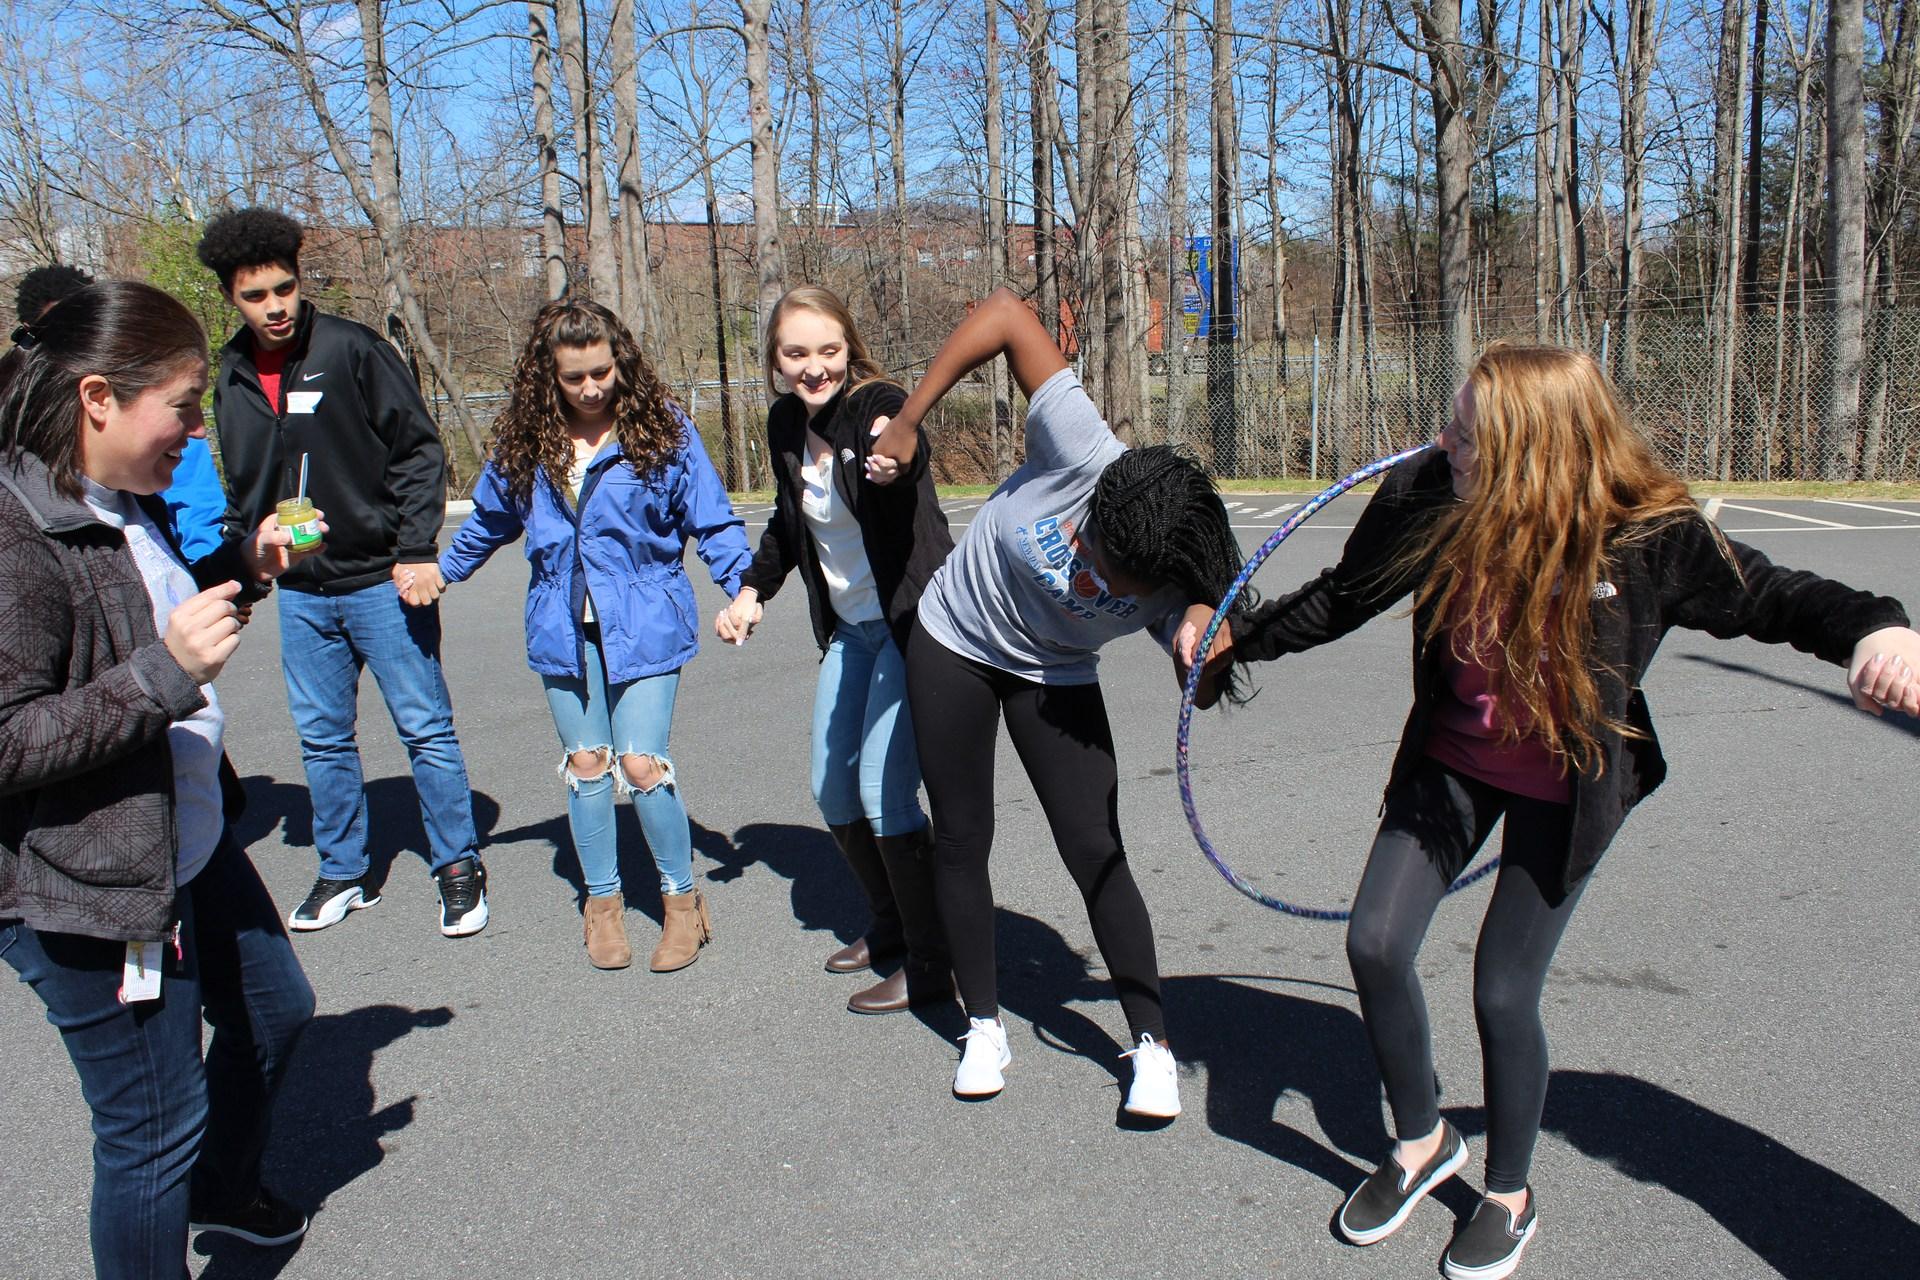 Fun with Hula Hoops